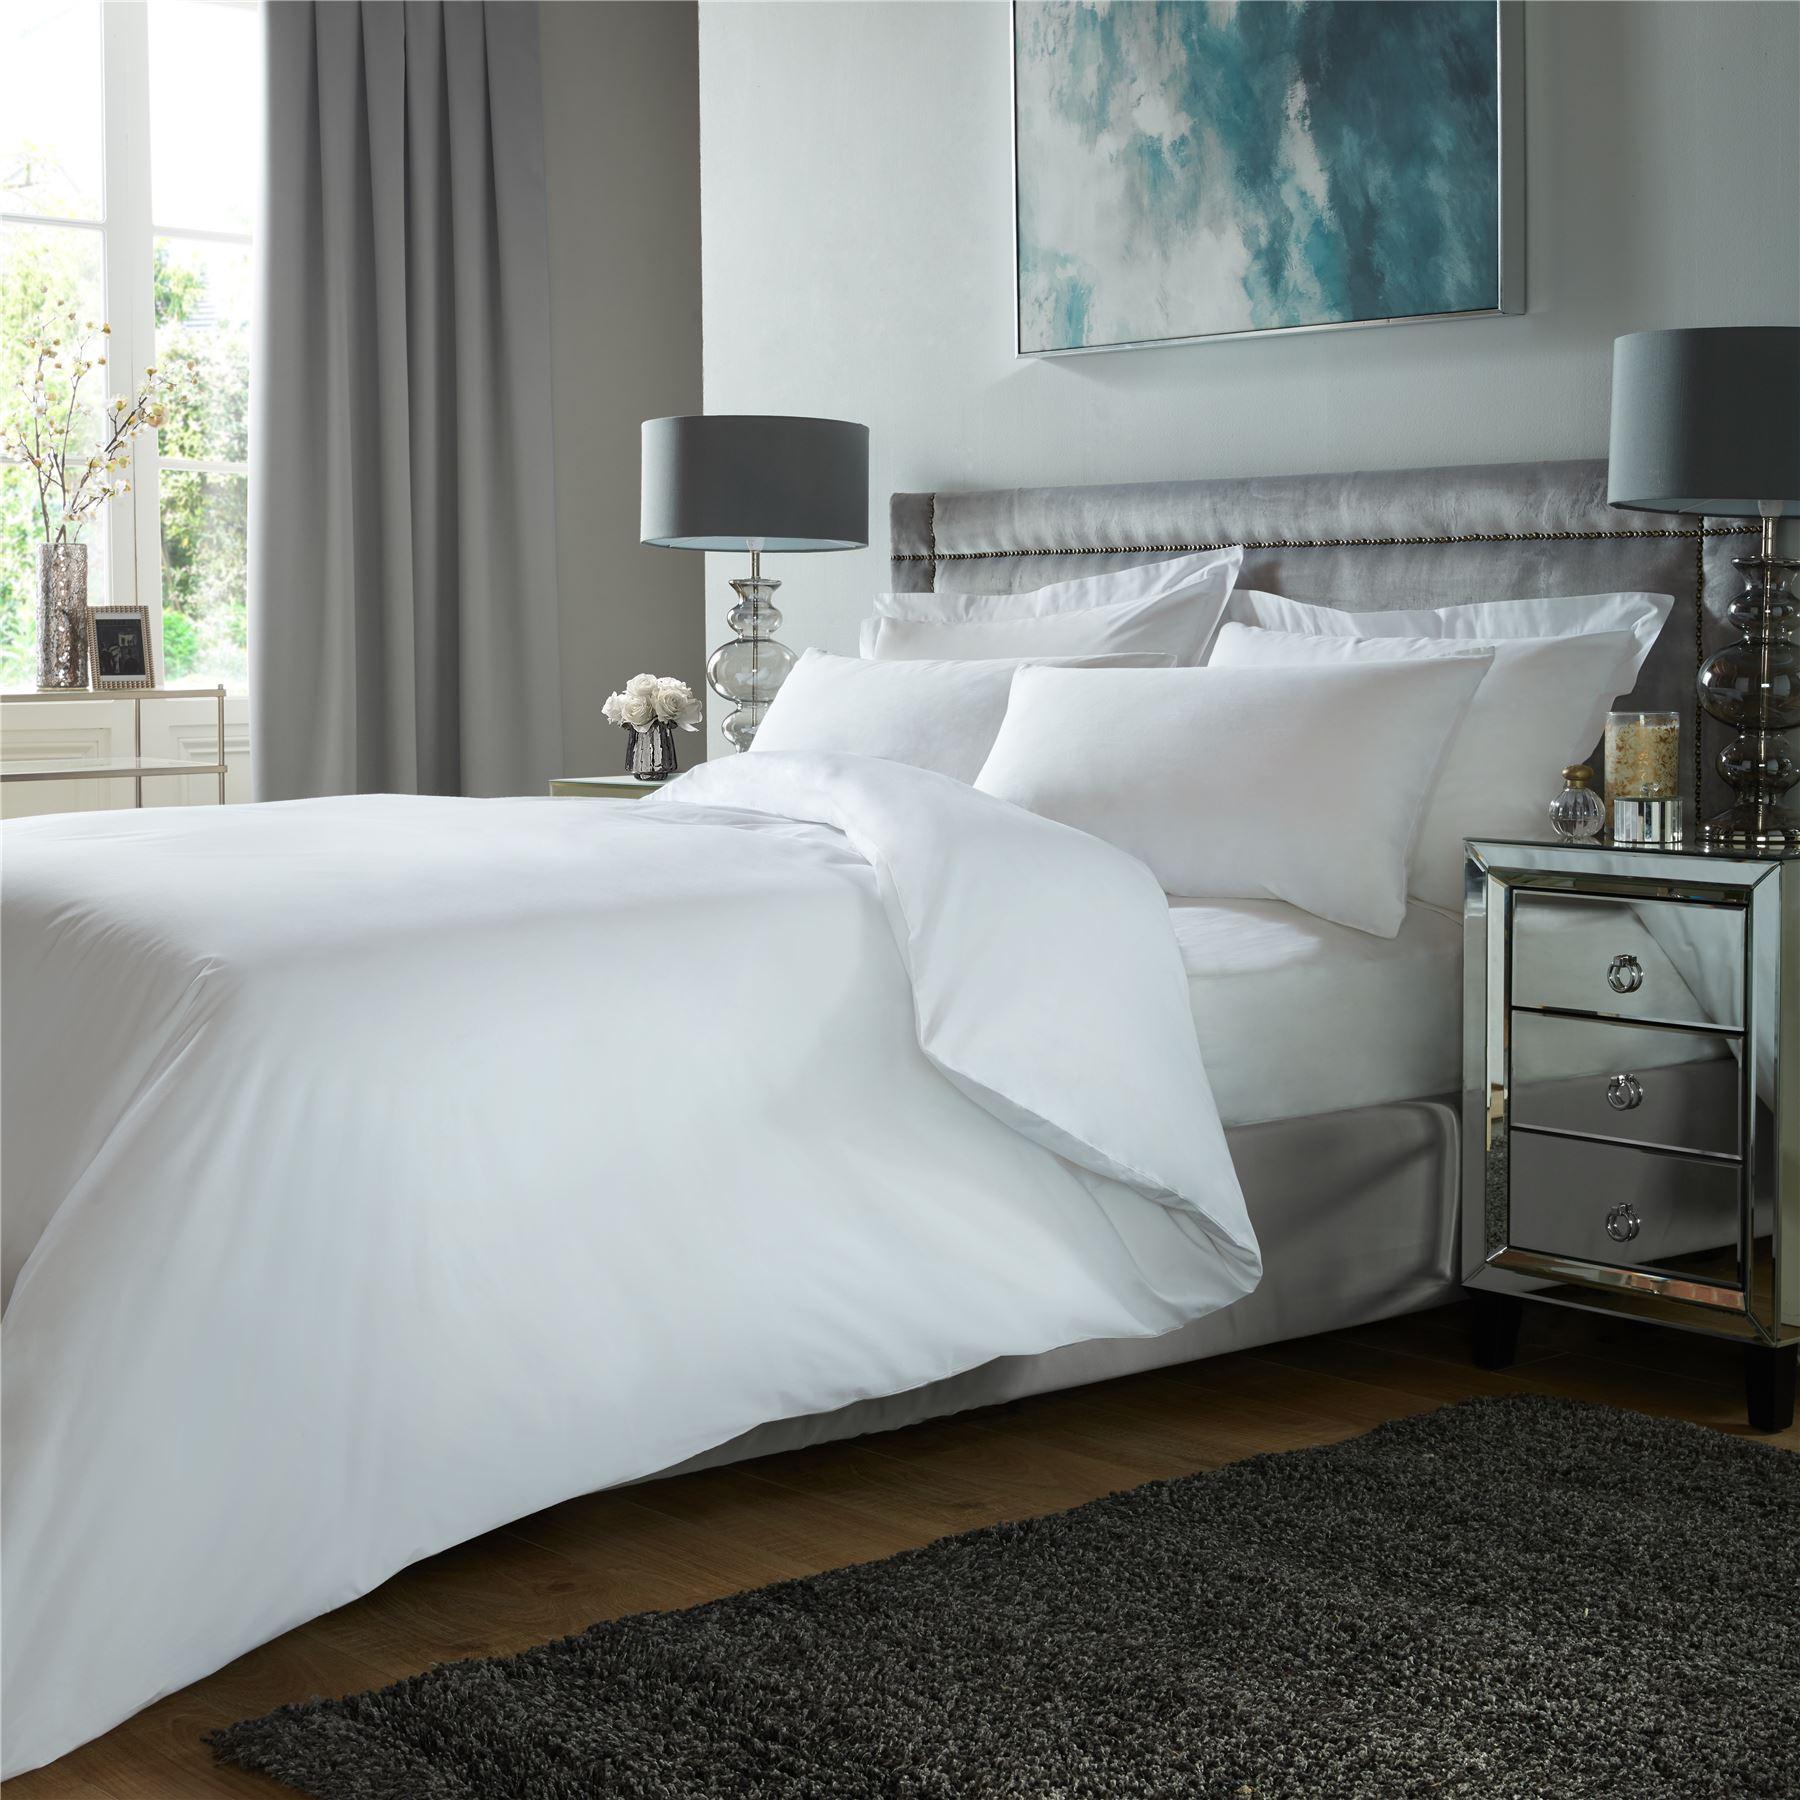 De-Lujo-400TC-conjunto-de-funda-de-edredon-100-Algodon-Egipcio-ropa-de-cama-funda-de-almohada-tenida miniatura 27